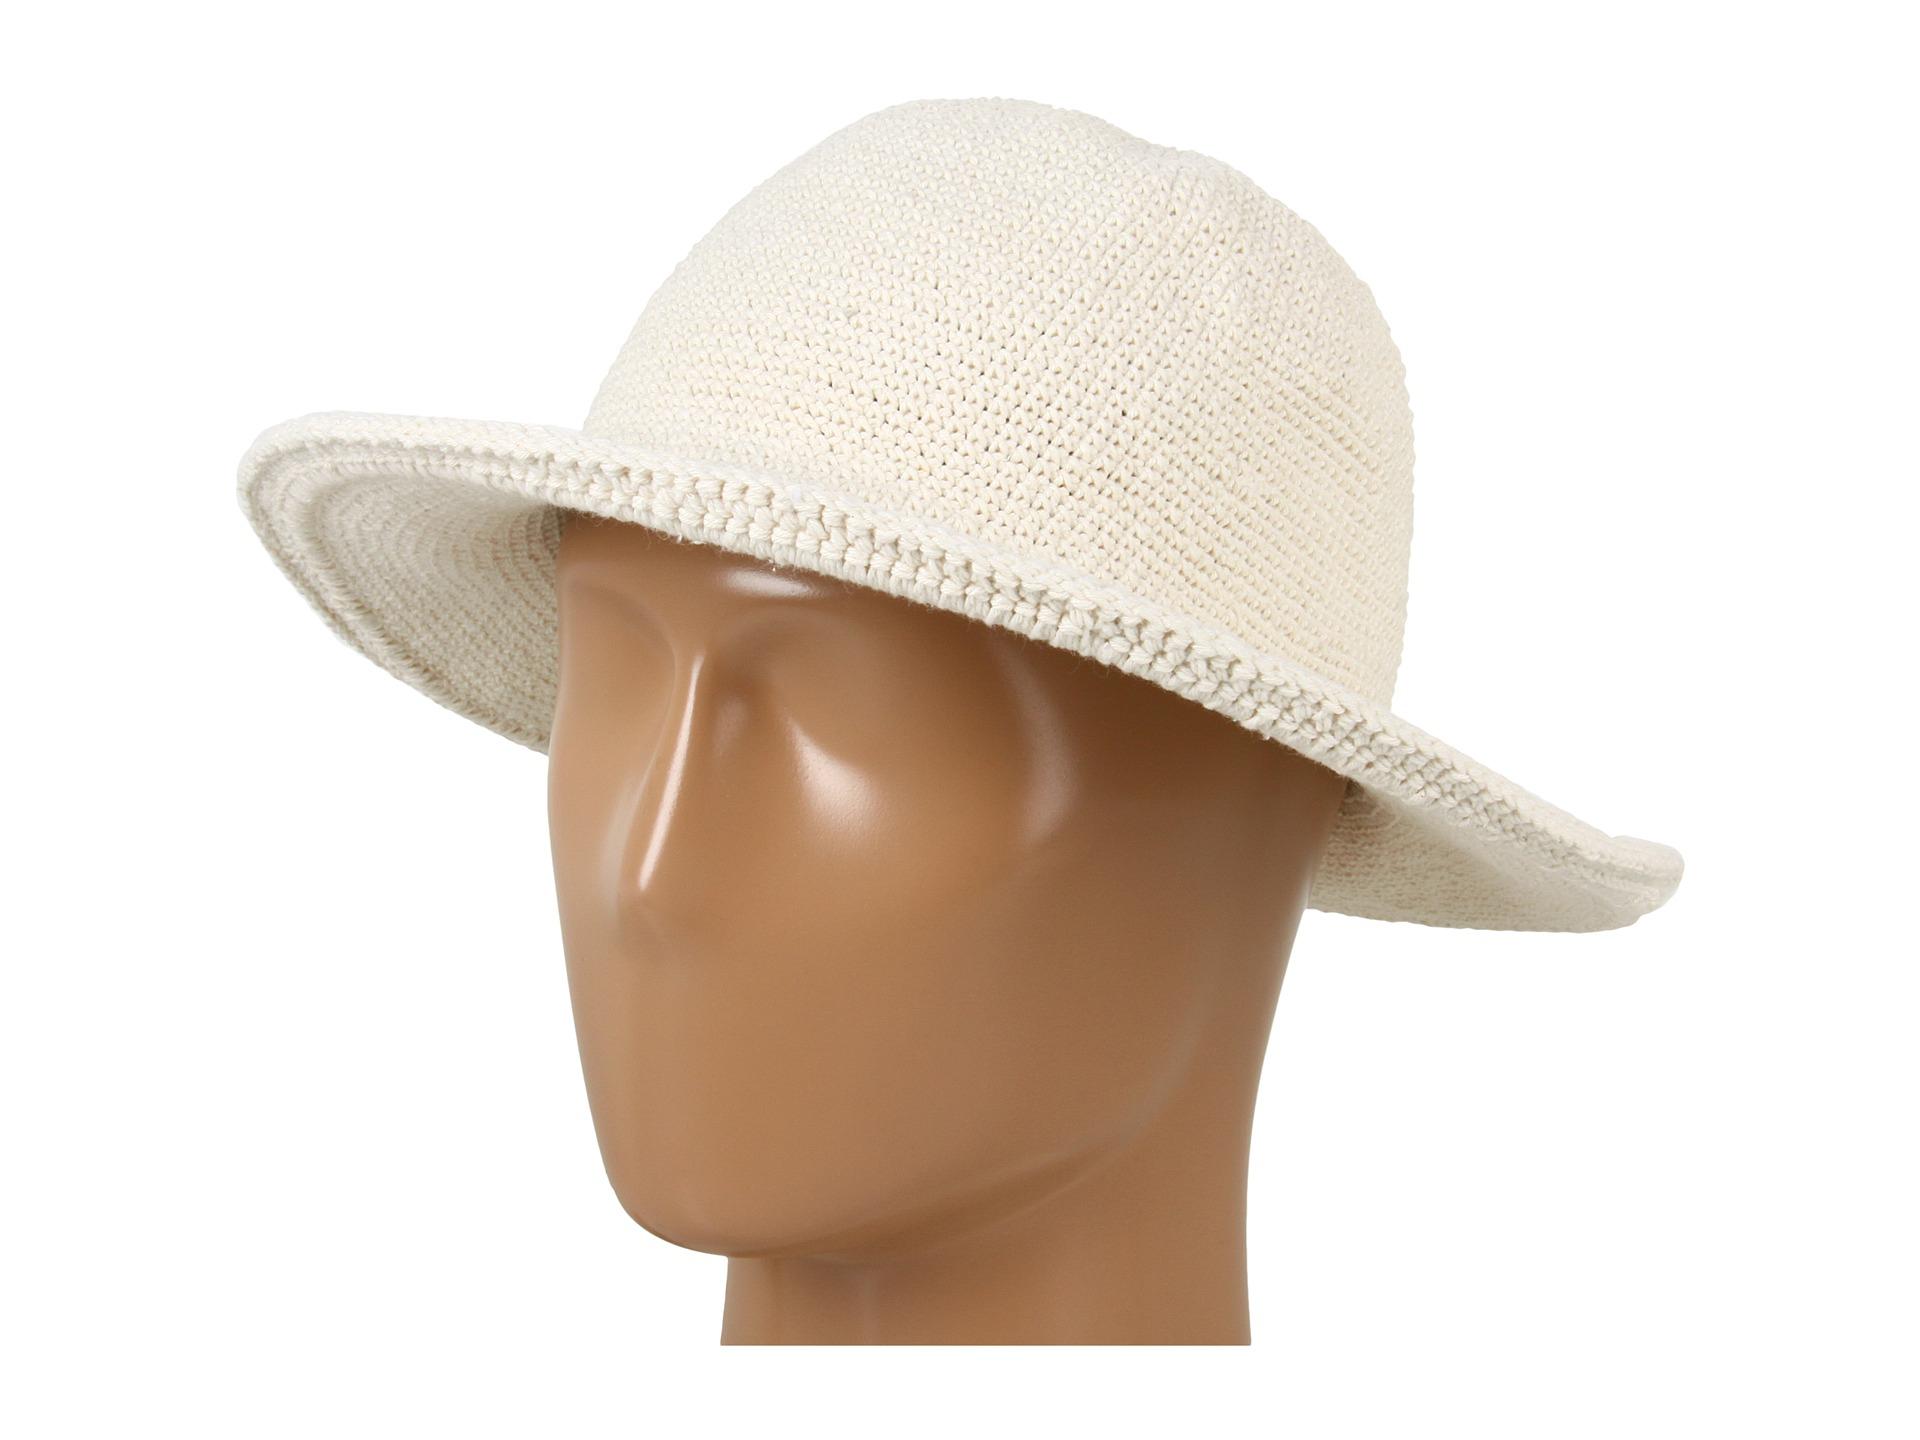 Lyst - San Diego Hat Company Chm5 Cotton Crochet Medium Brim Sun Hat ... 55efbff37693